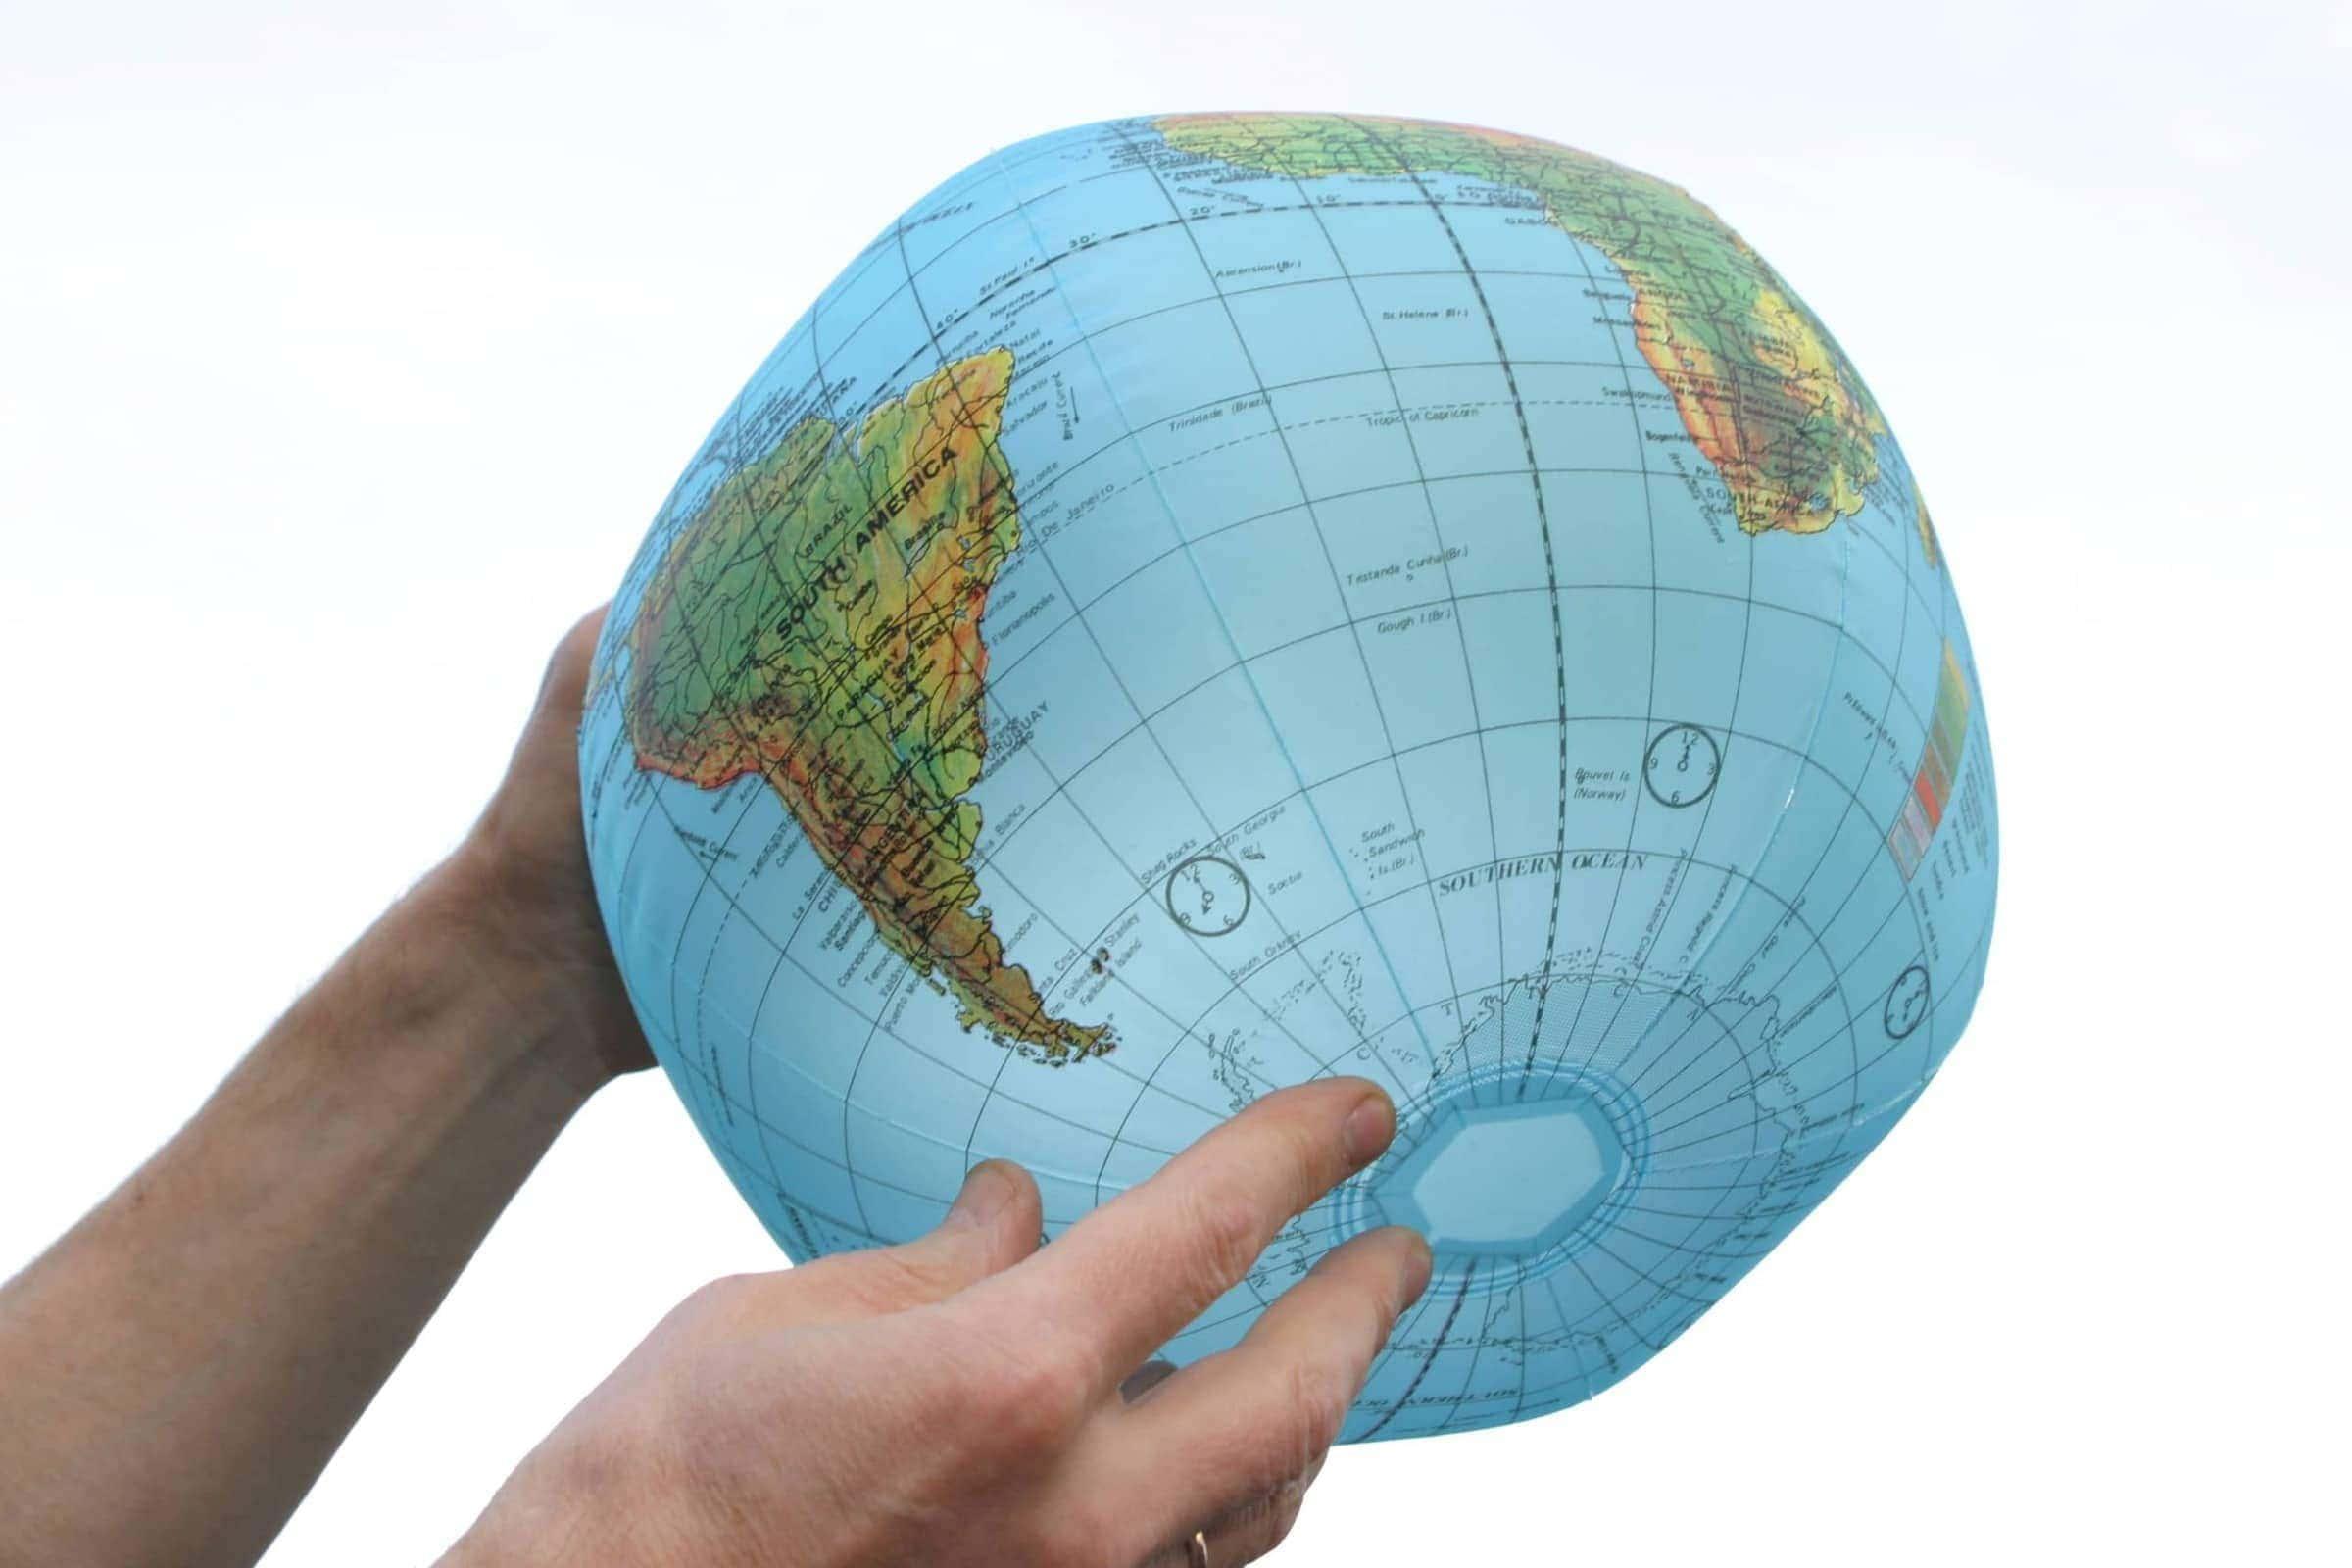 Maapallon muotoinen rantapallo